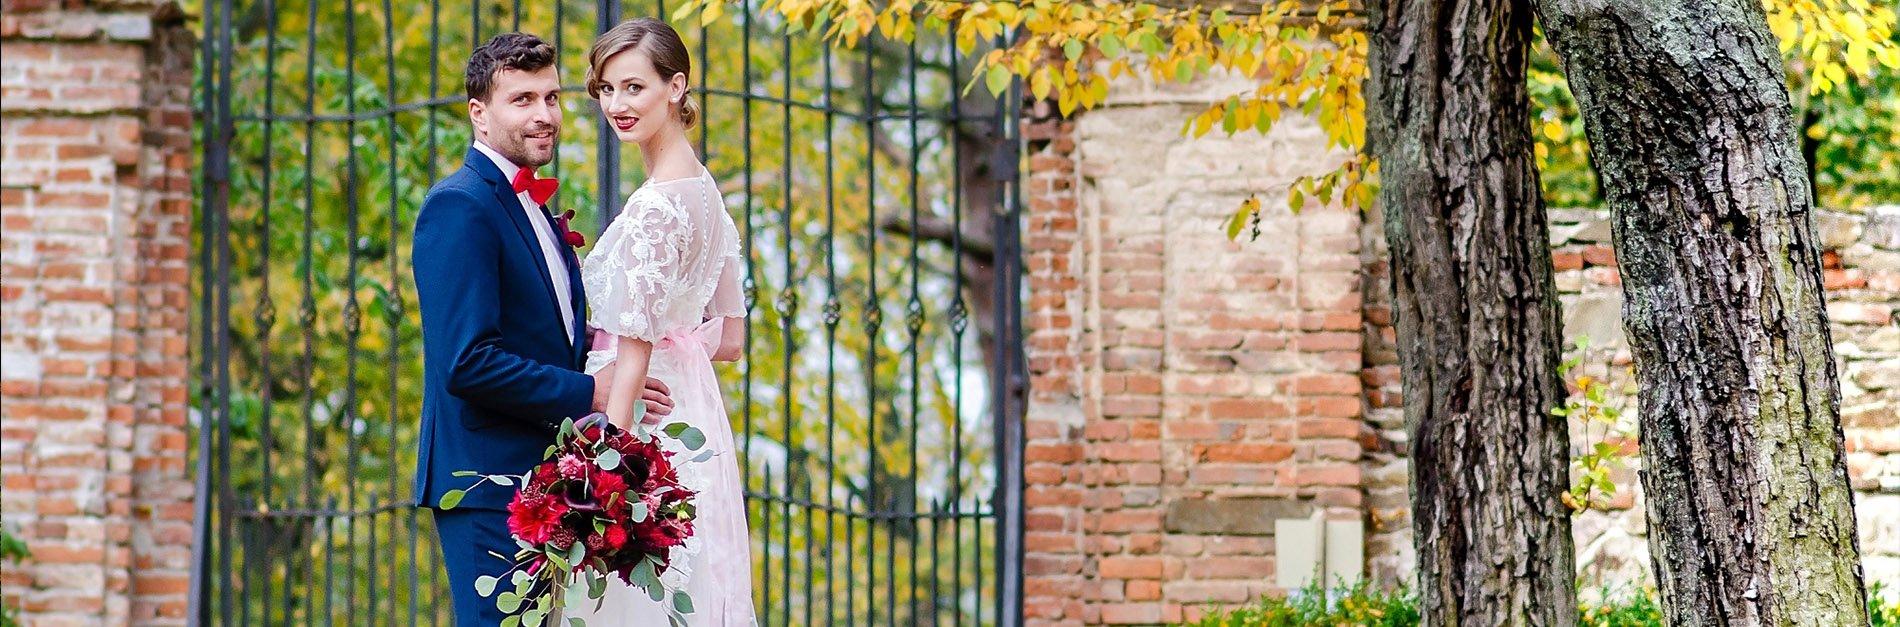 Důraz na detail dělá každou svatbu jedinečnou